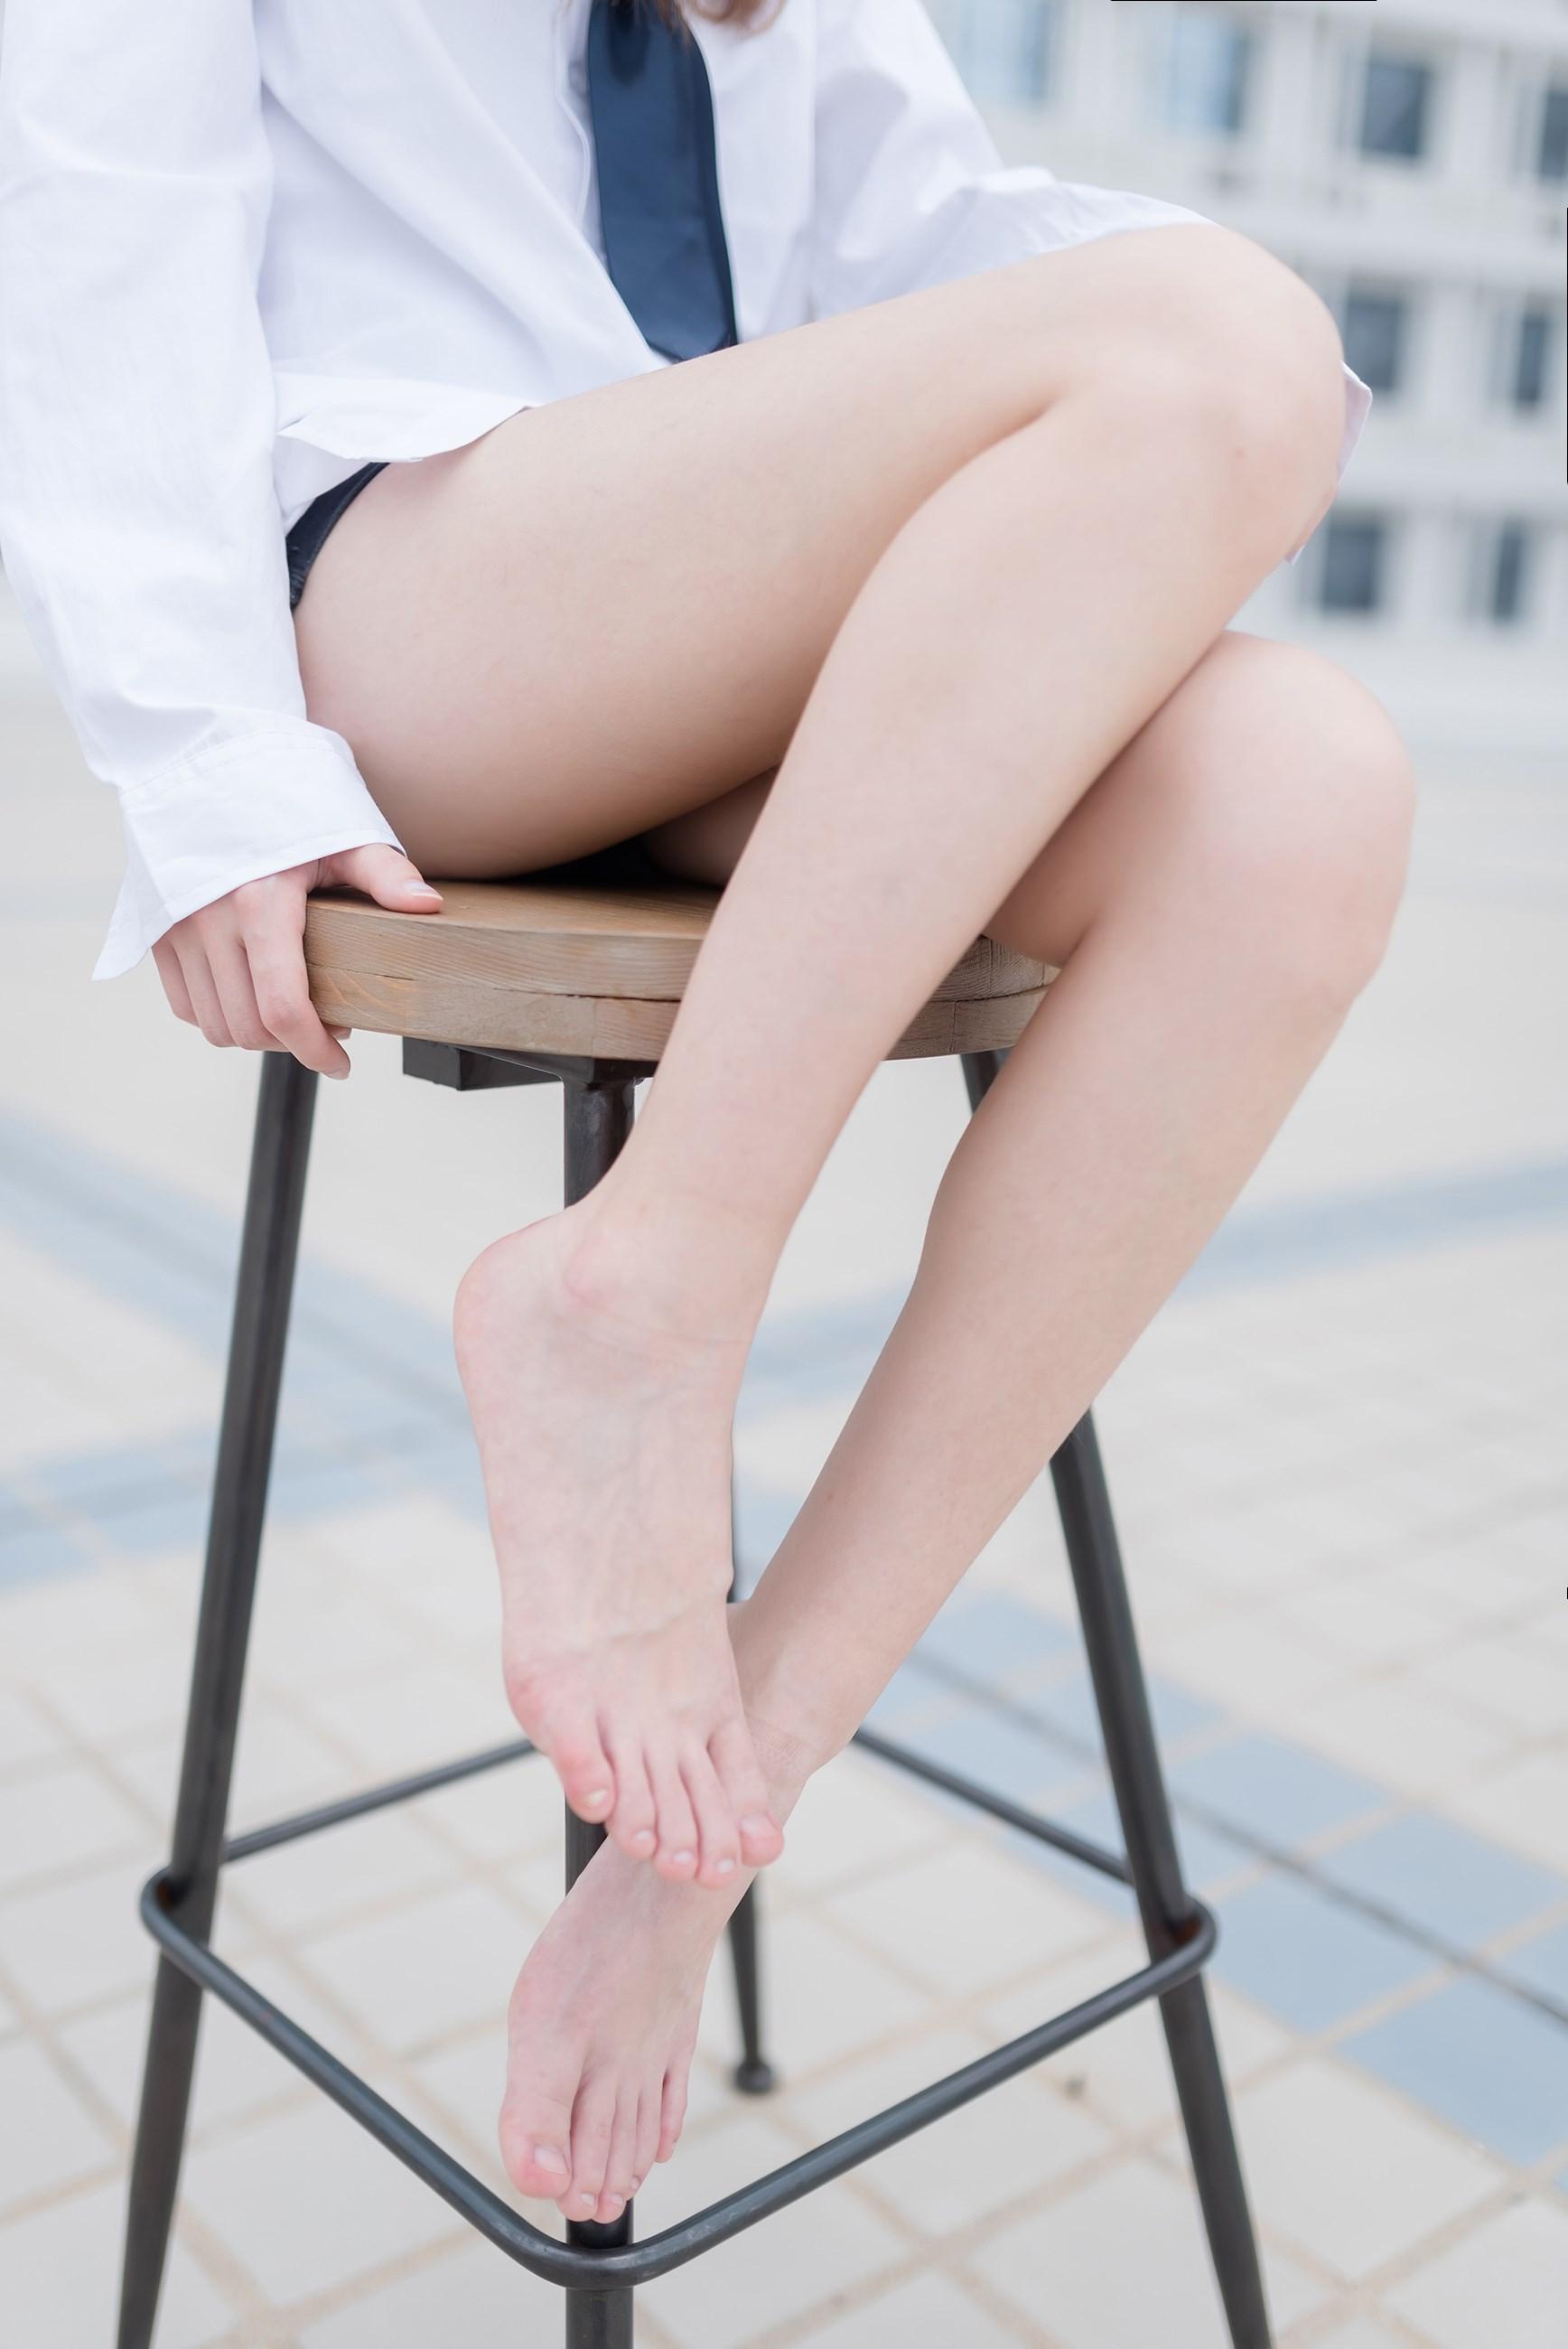 【兔玩映画】裸脚白衬衫 · 足控福利 兔玩映画 第11张